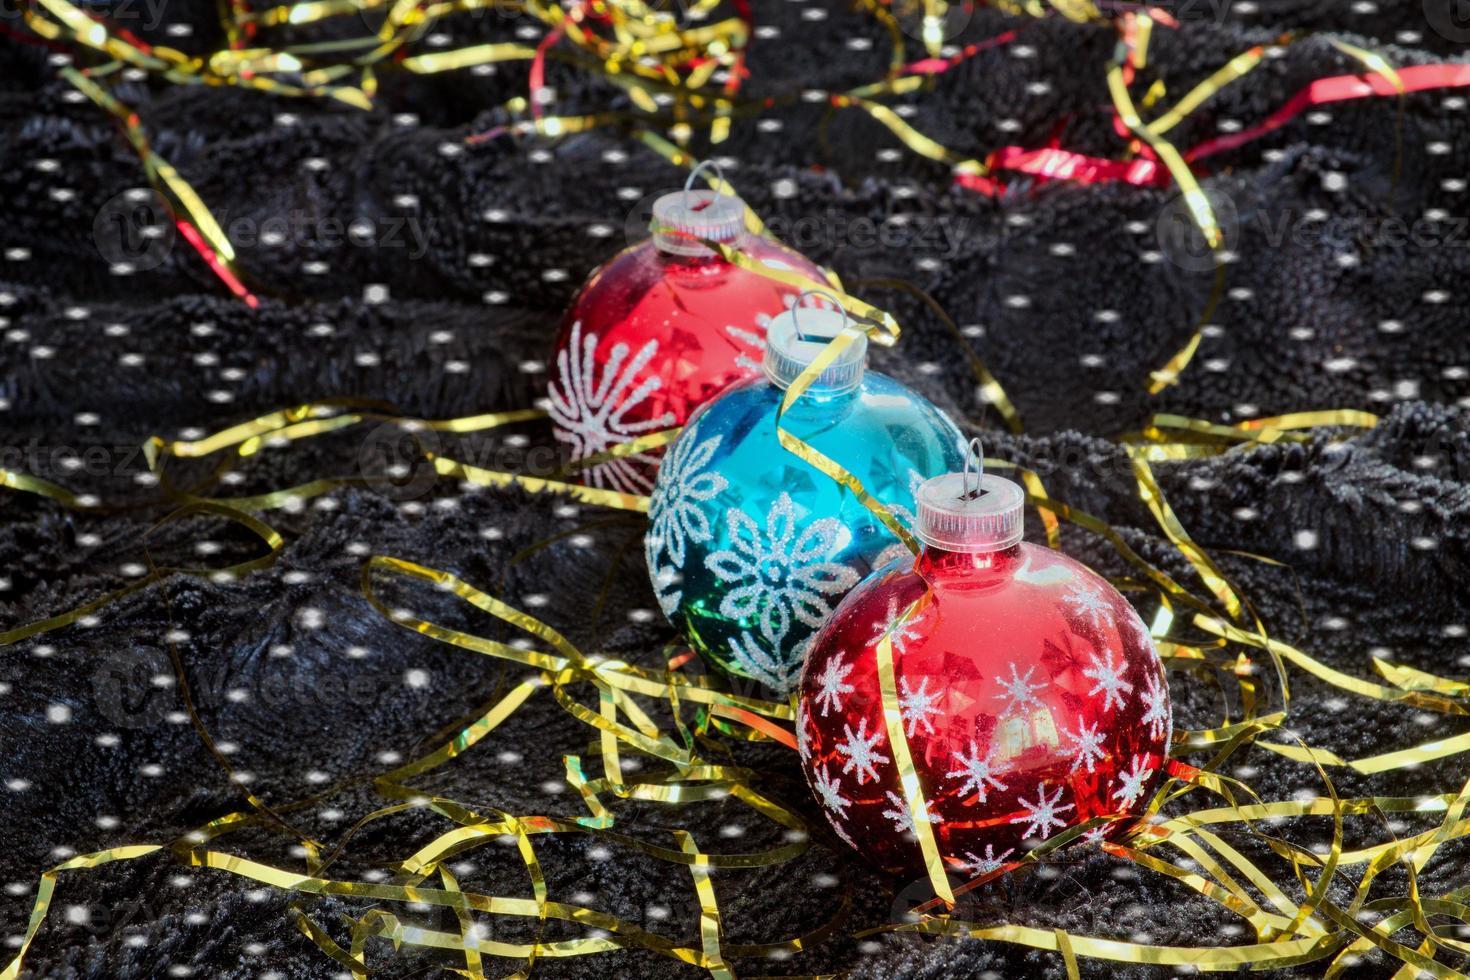 Kerstdecoratie met sneeuwvlokken op zwart fluweel foto